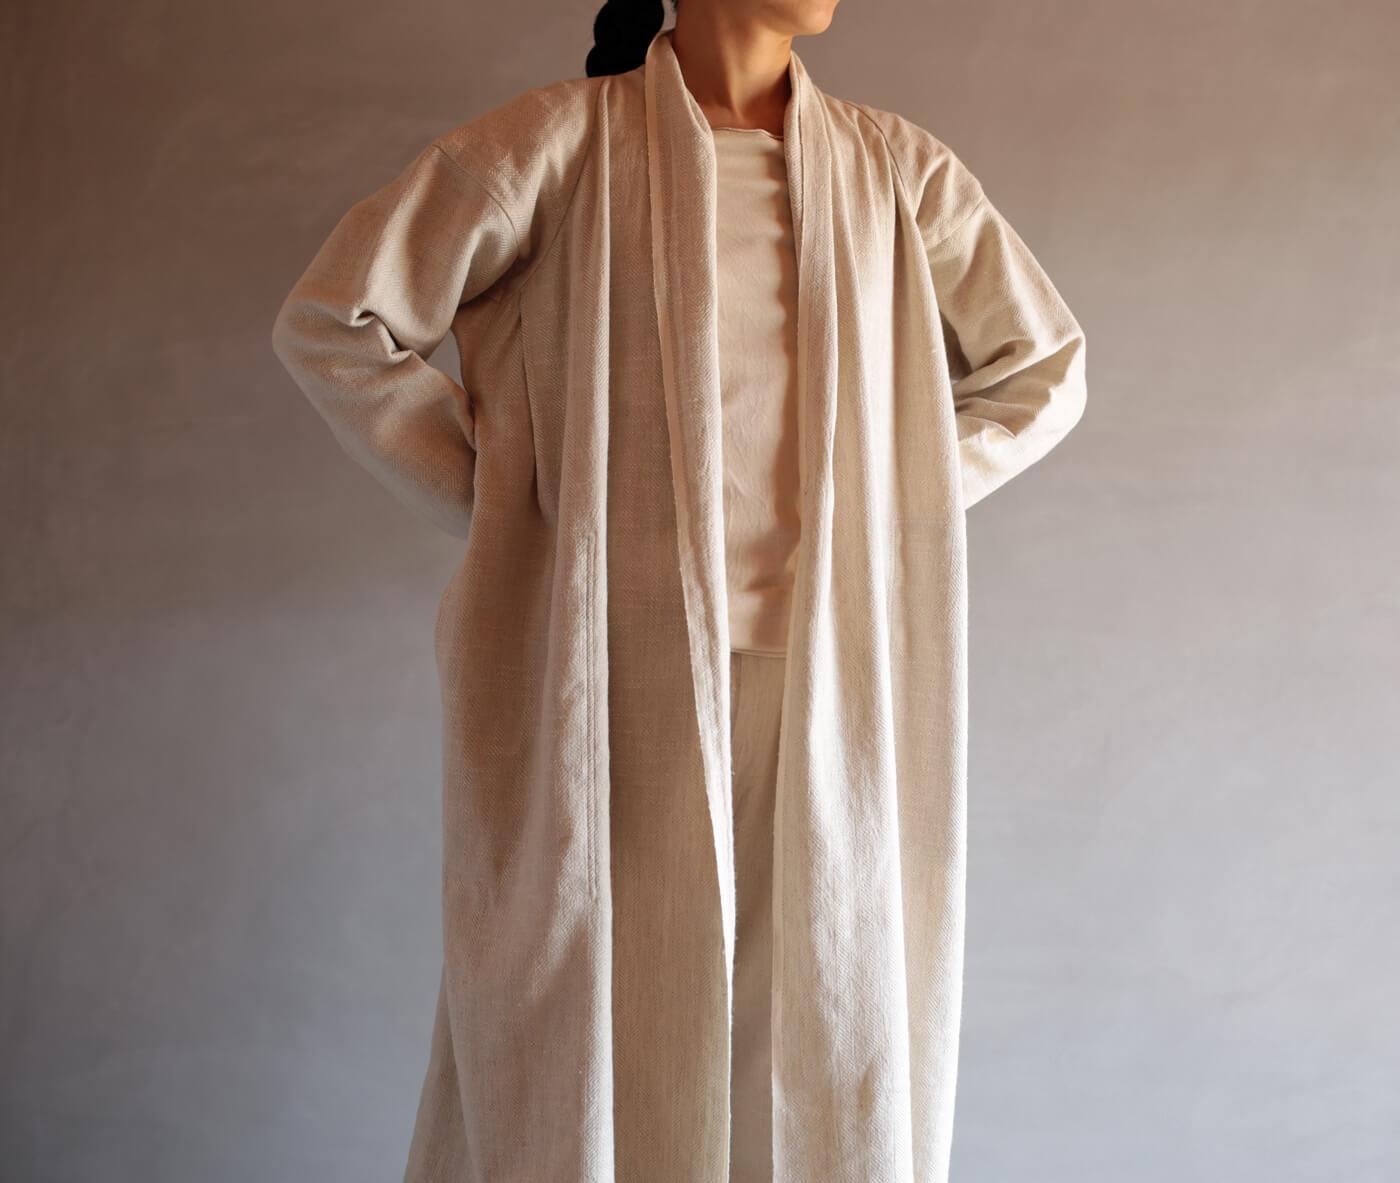 麻綿シルクのヘリンボーンのアイキャッチ画像